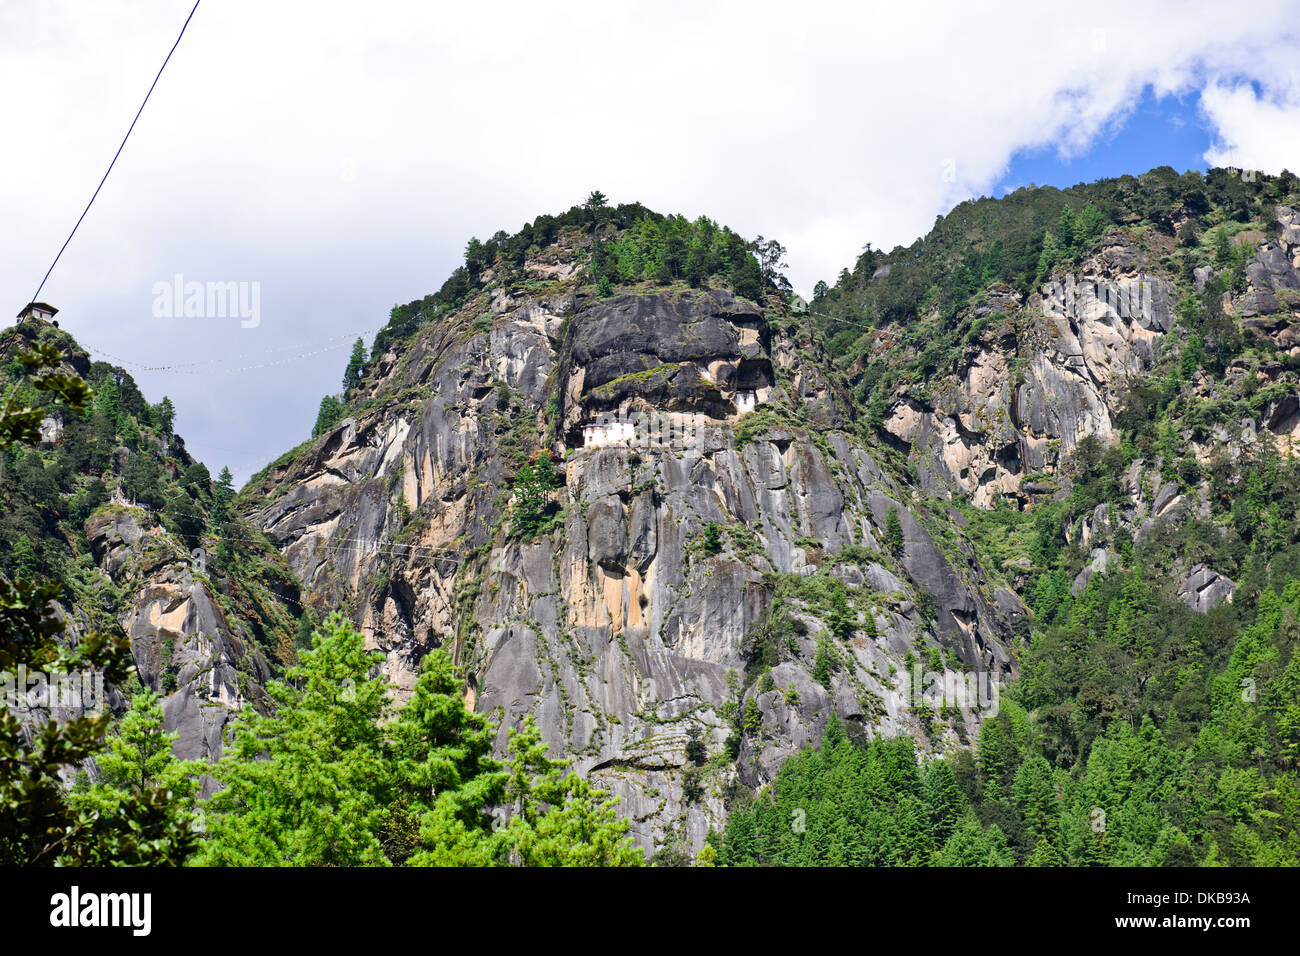 Tiger's Nest, 10180 Meter hoch, zwei Stunden Wanderung, der Aufstieg vor, Cliffhanger, buddhistische Pilgerfahrt, sehr heiligen heiligen Ort, paro Bhutan Stockfoto